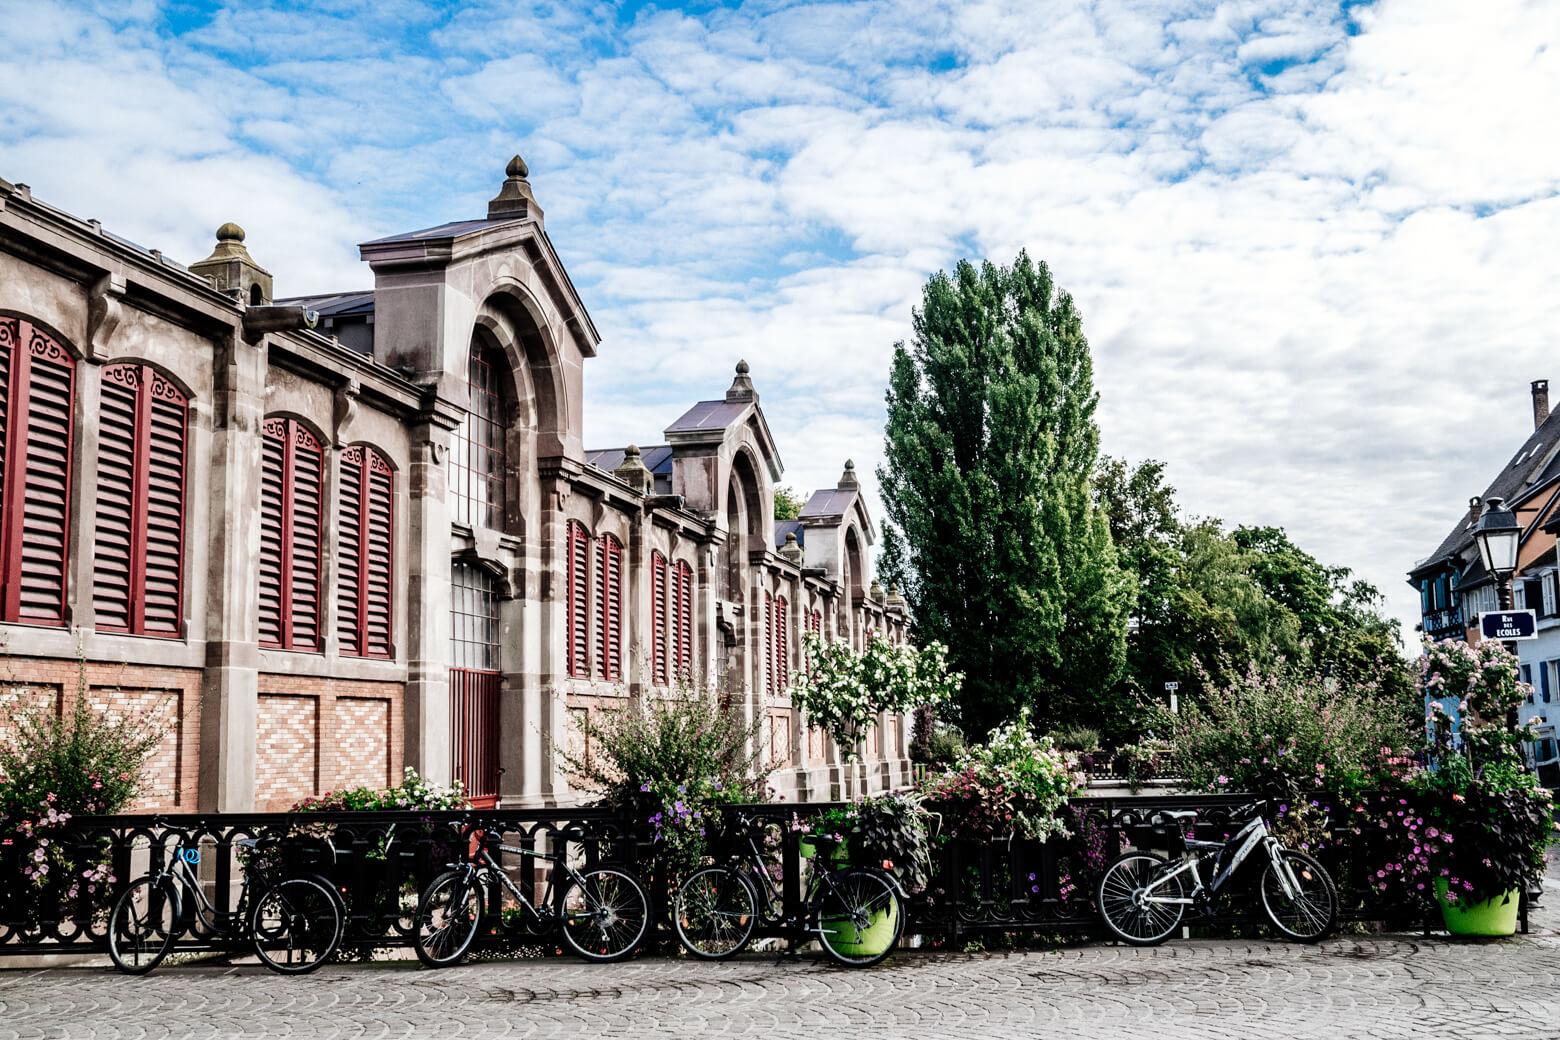 Bikes in Colmar